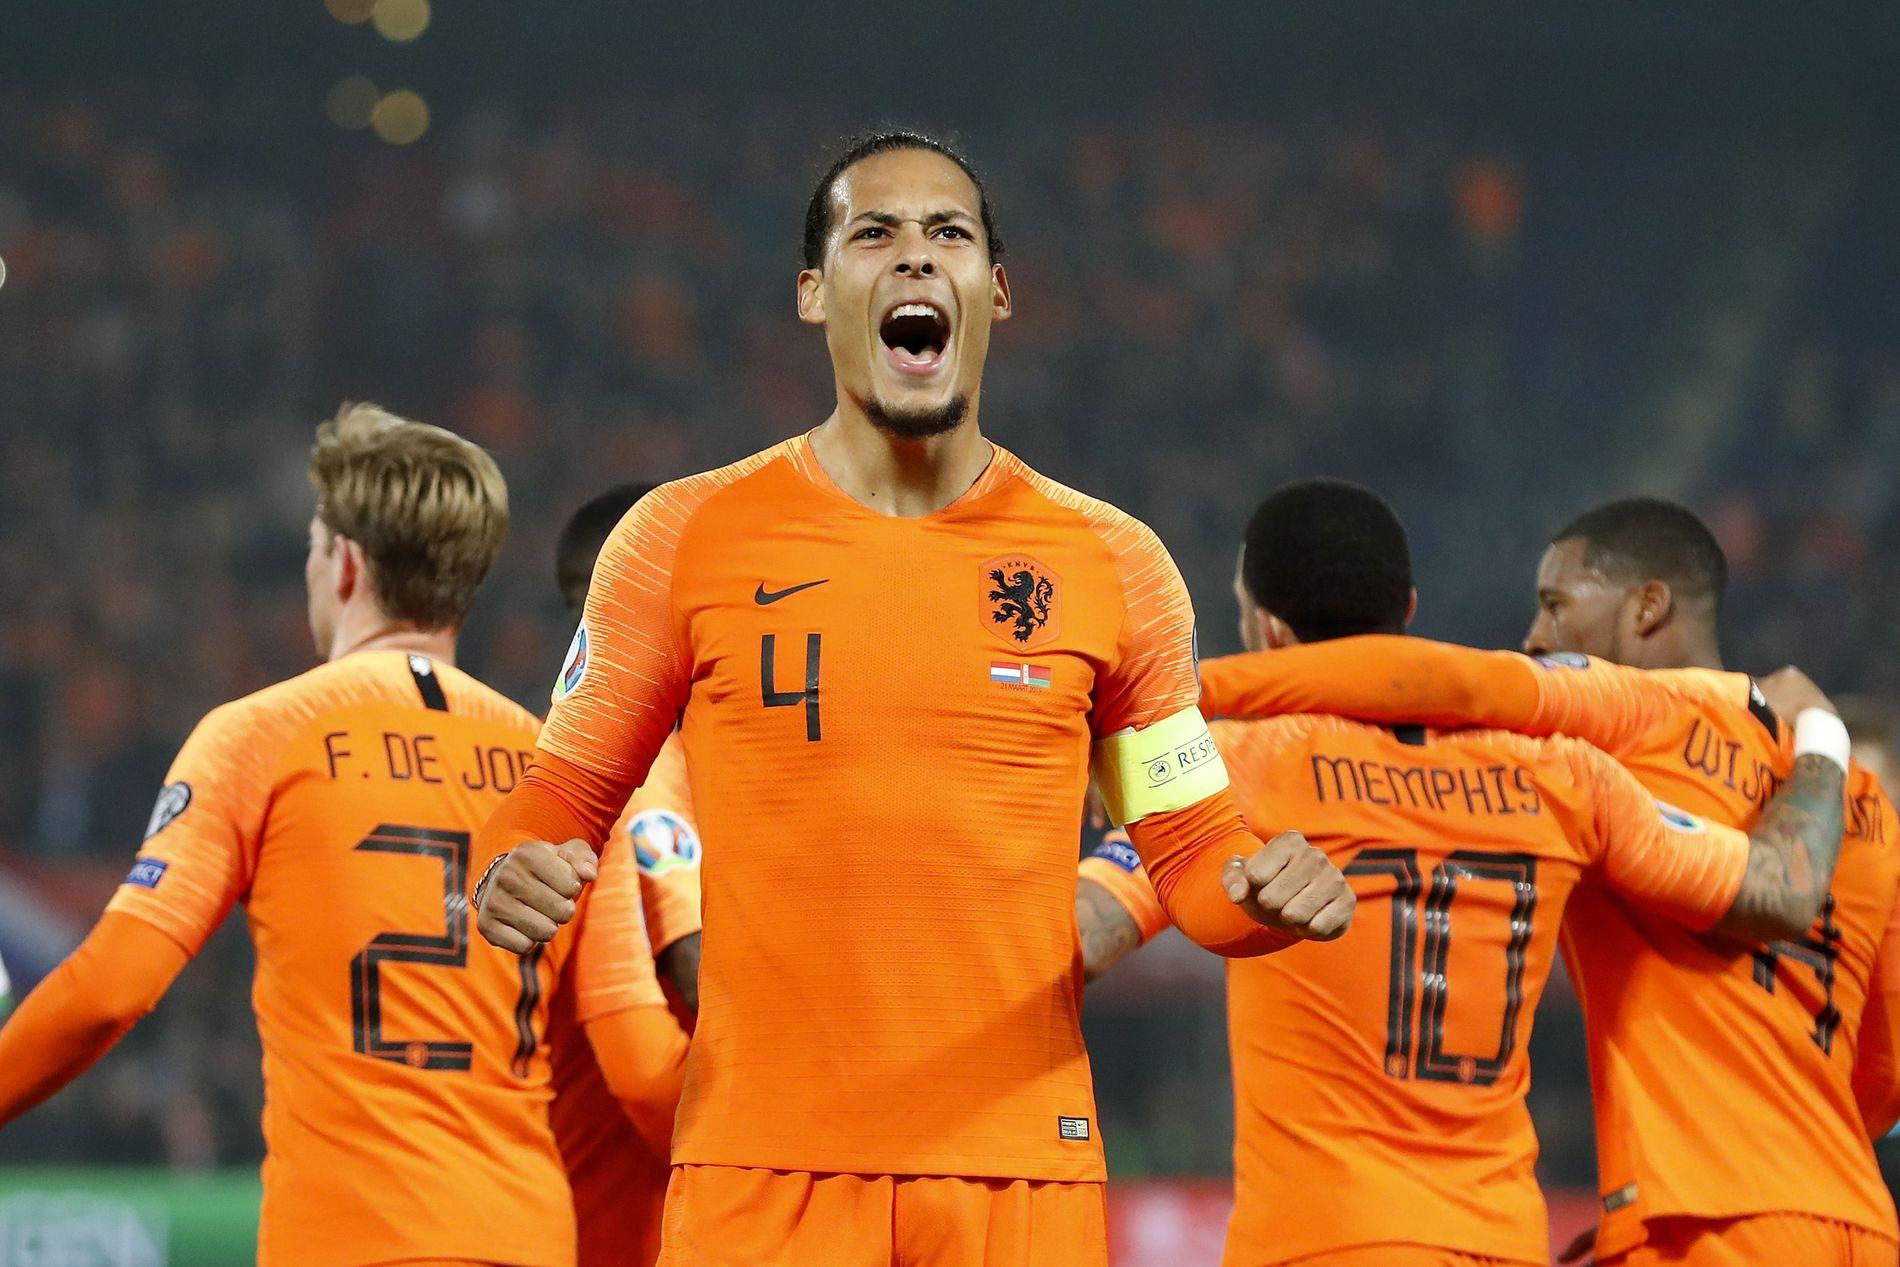 ORANSJE SUKSESS: Virgil van Dijk jubler i EM-kvalifiseringskampen mot Hviterussland i mars. Nederland vant 4–0 og van Dijk scoret det siste målet.